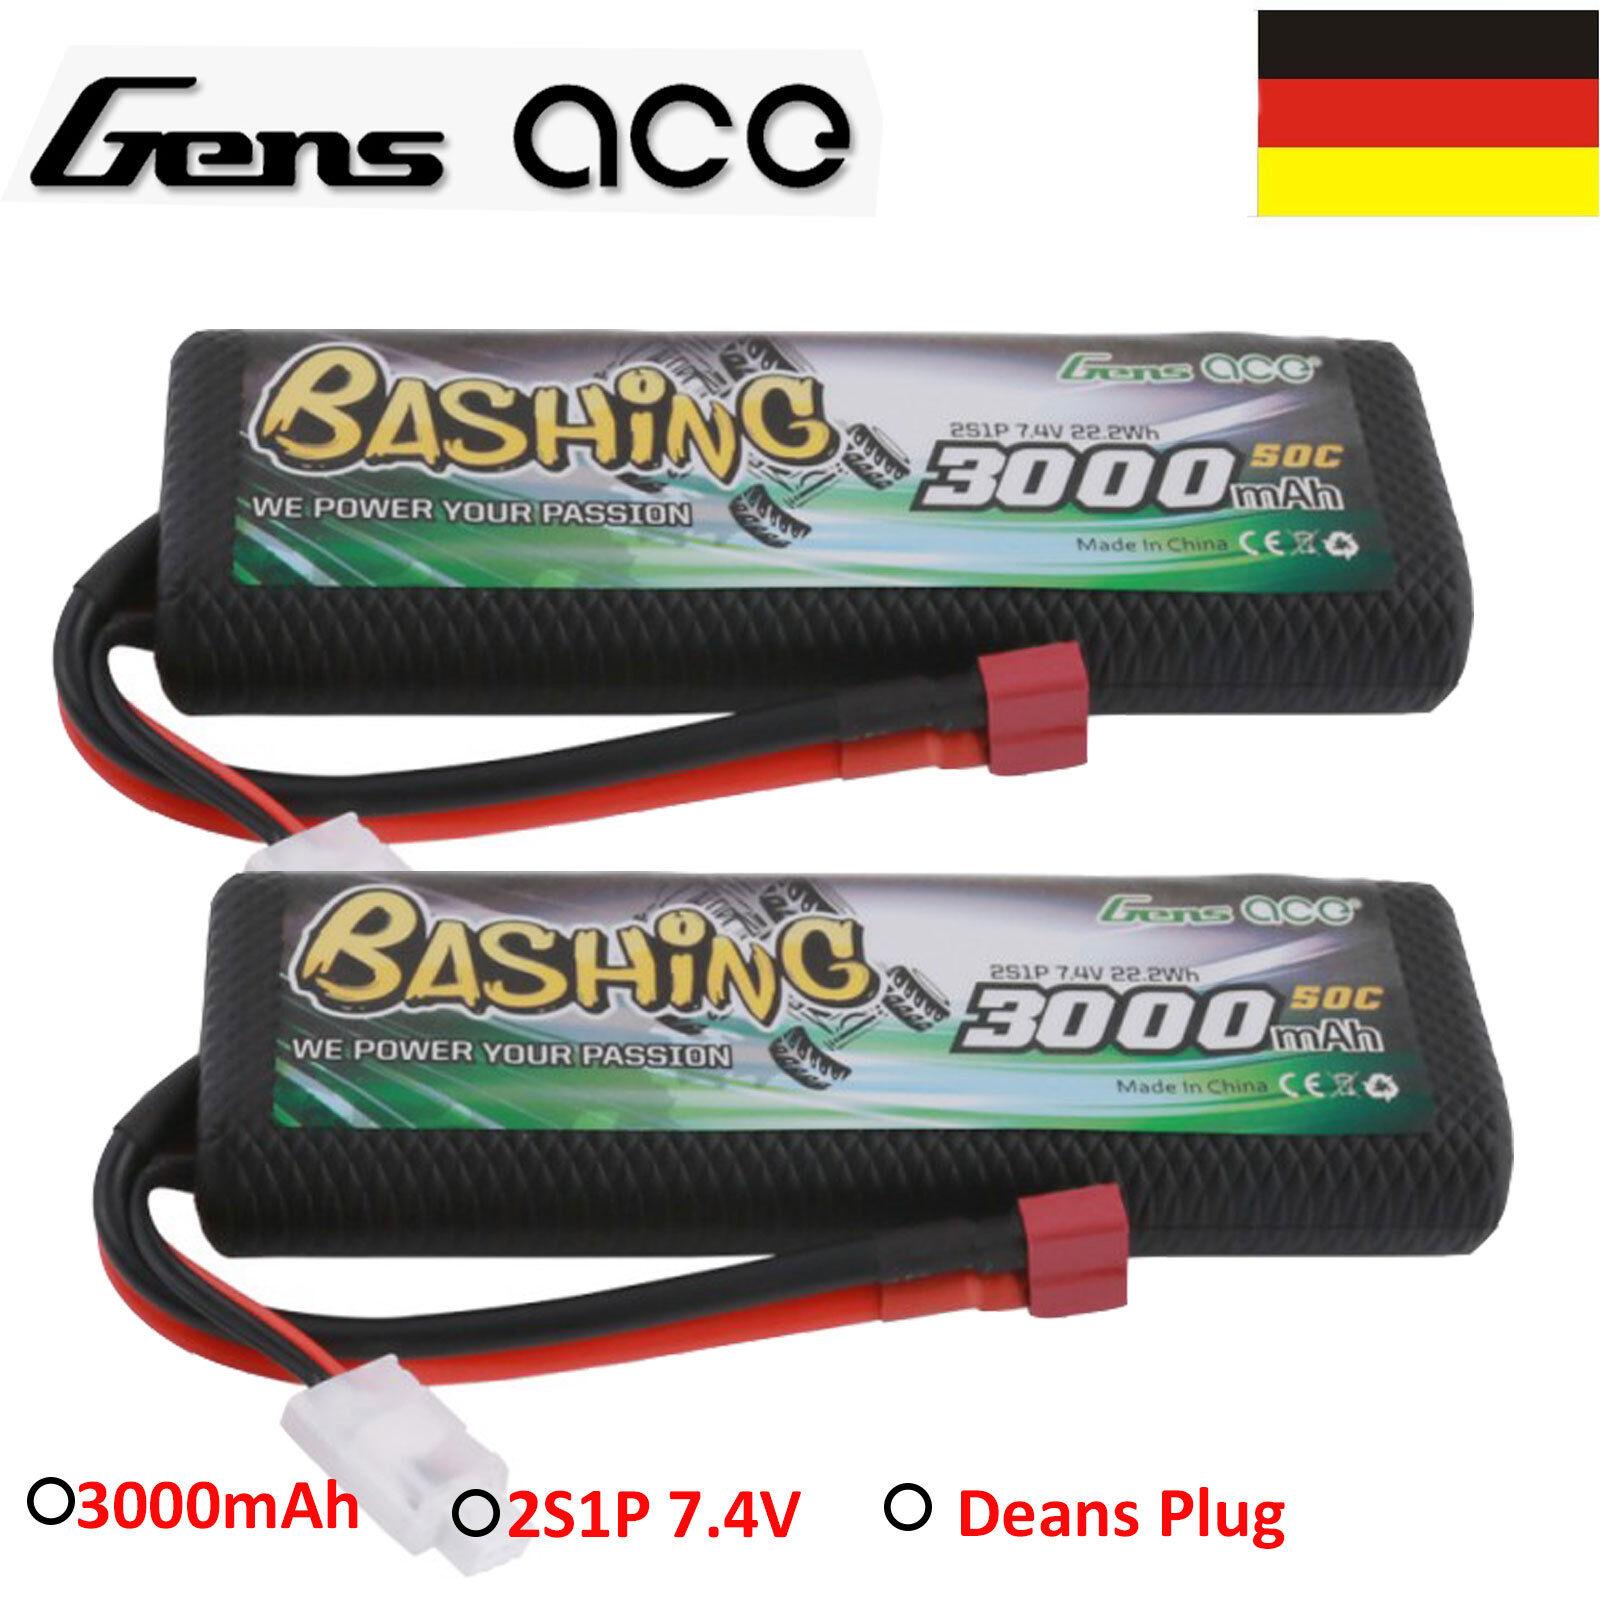 2X Pile Gens ace 3000mAh 2S 7.4V 50C Batterie LIPO Paquet T Fiche Pour Voiture